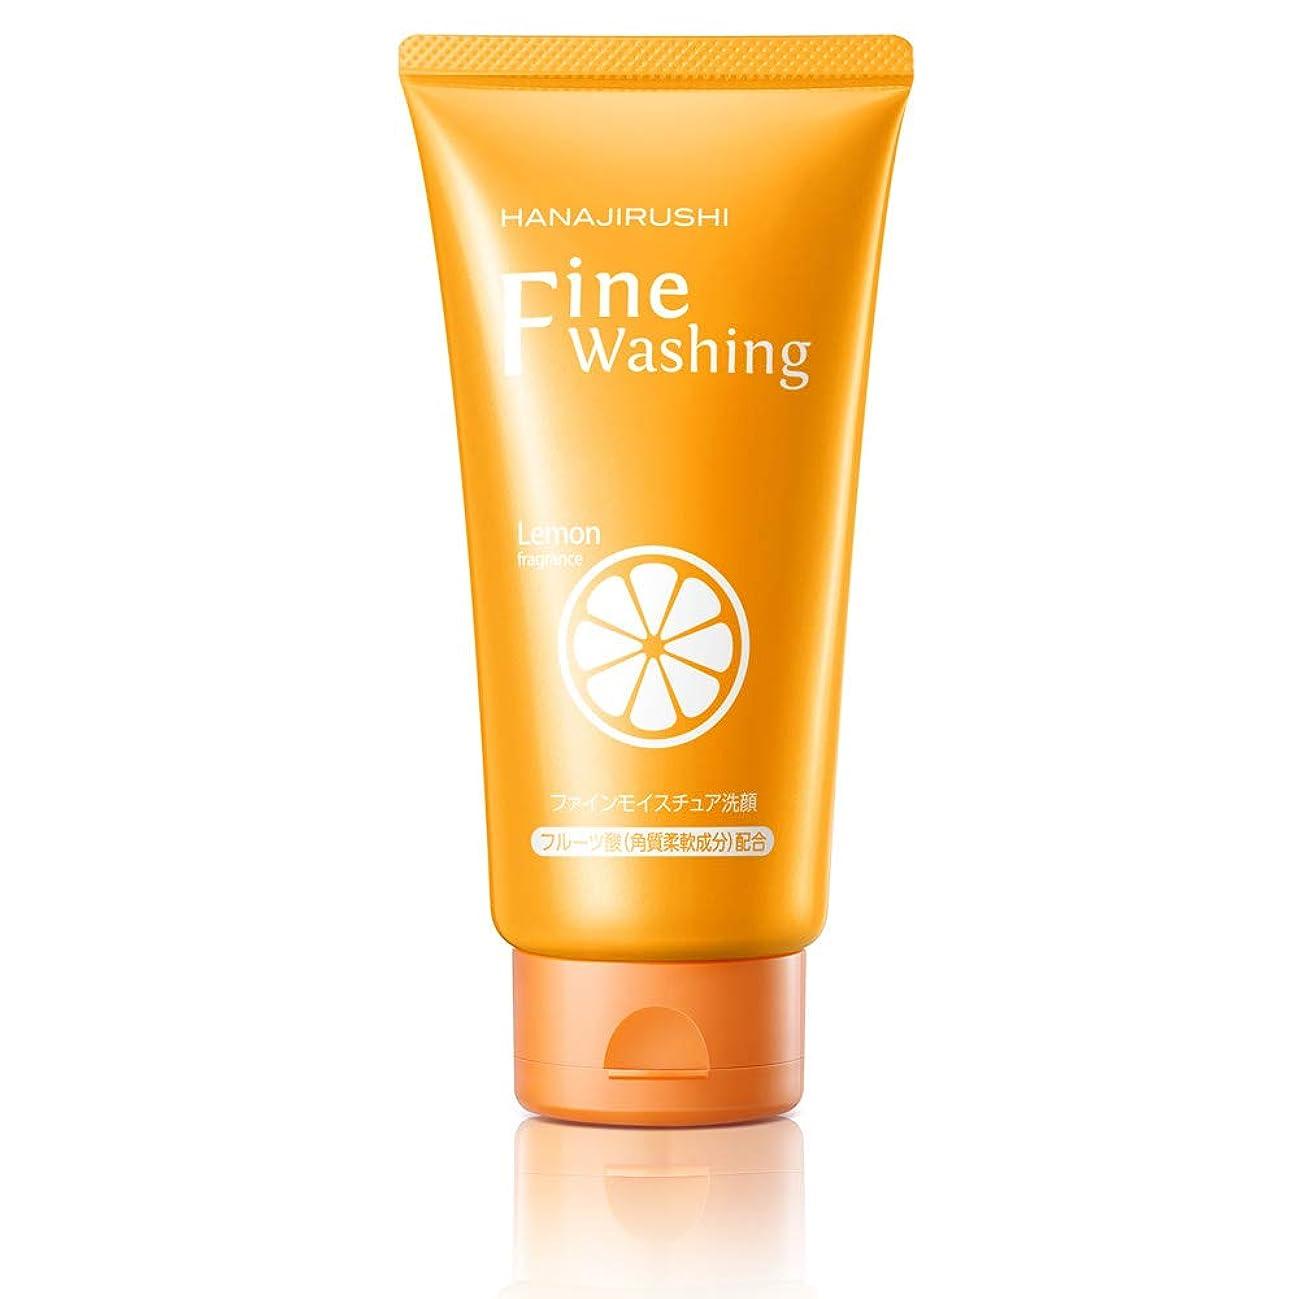 ミネラルバッチ秀でる花印ビタミンC誘導体配合ホワイト洗顔フォーム120g シミ?くすみ対策